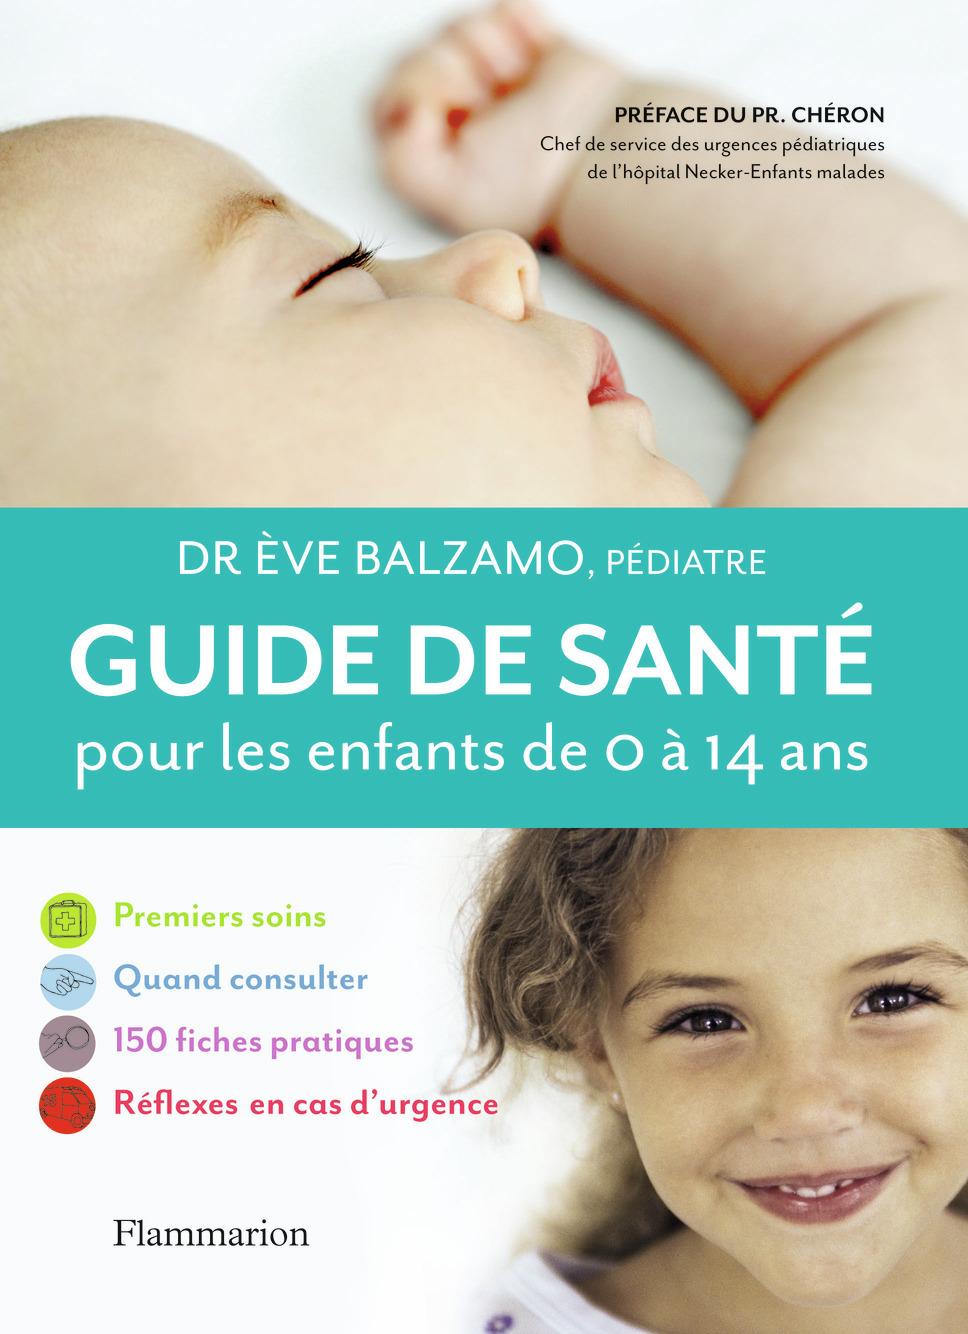 GUIDE SANTE POUR LES ENFANTS DE 0 A 14 ANS